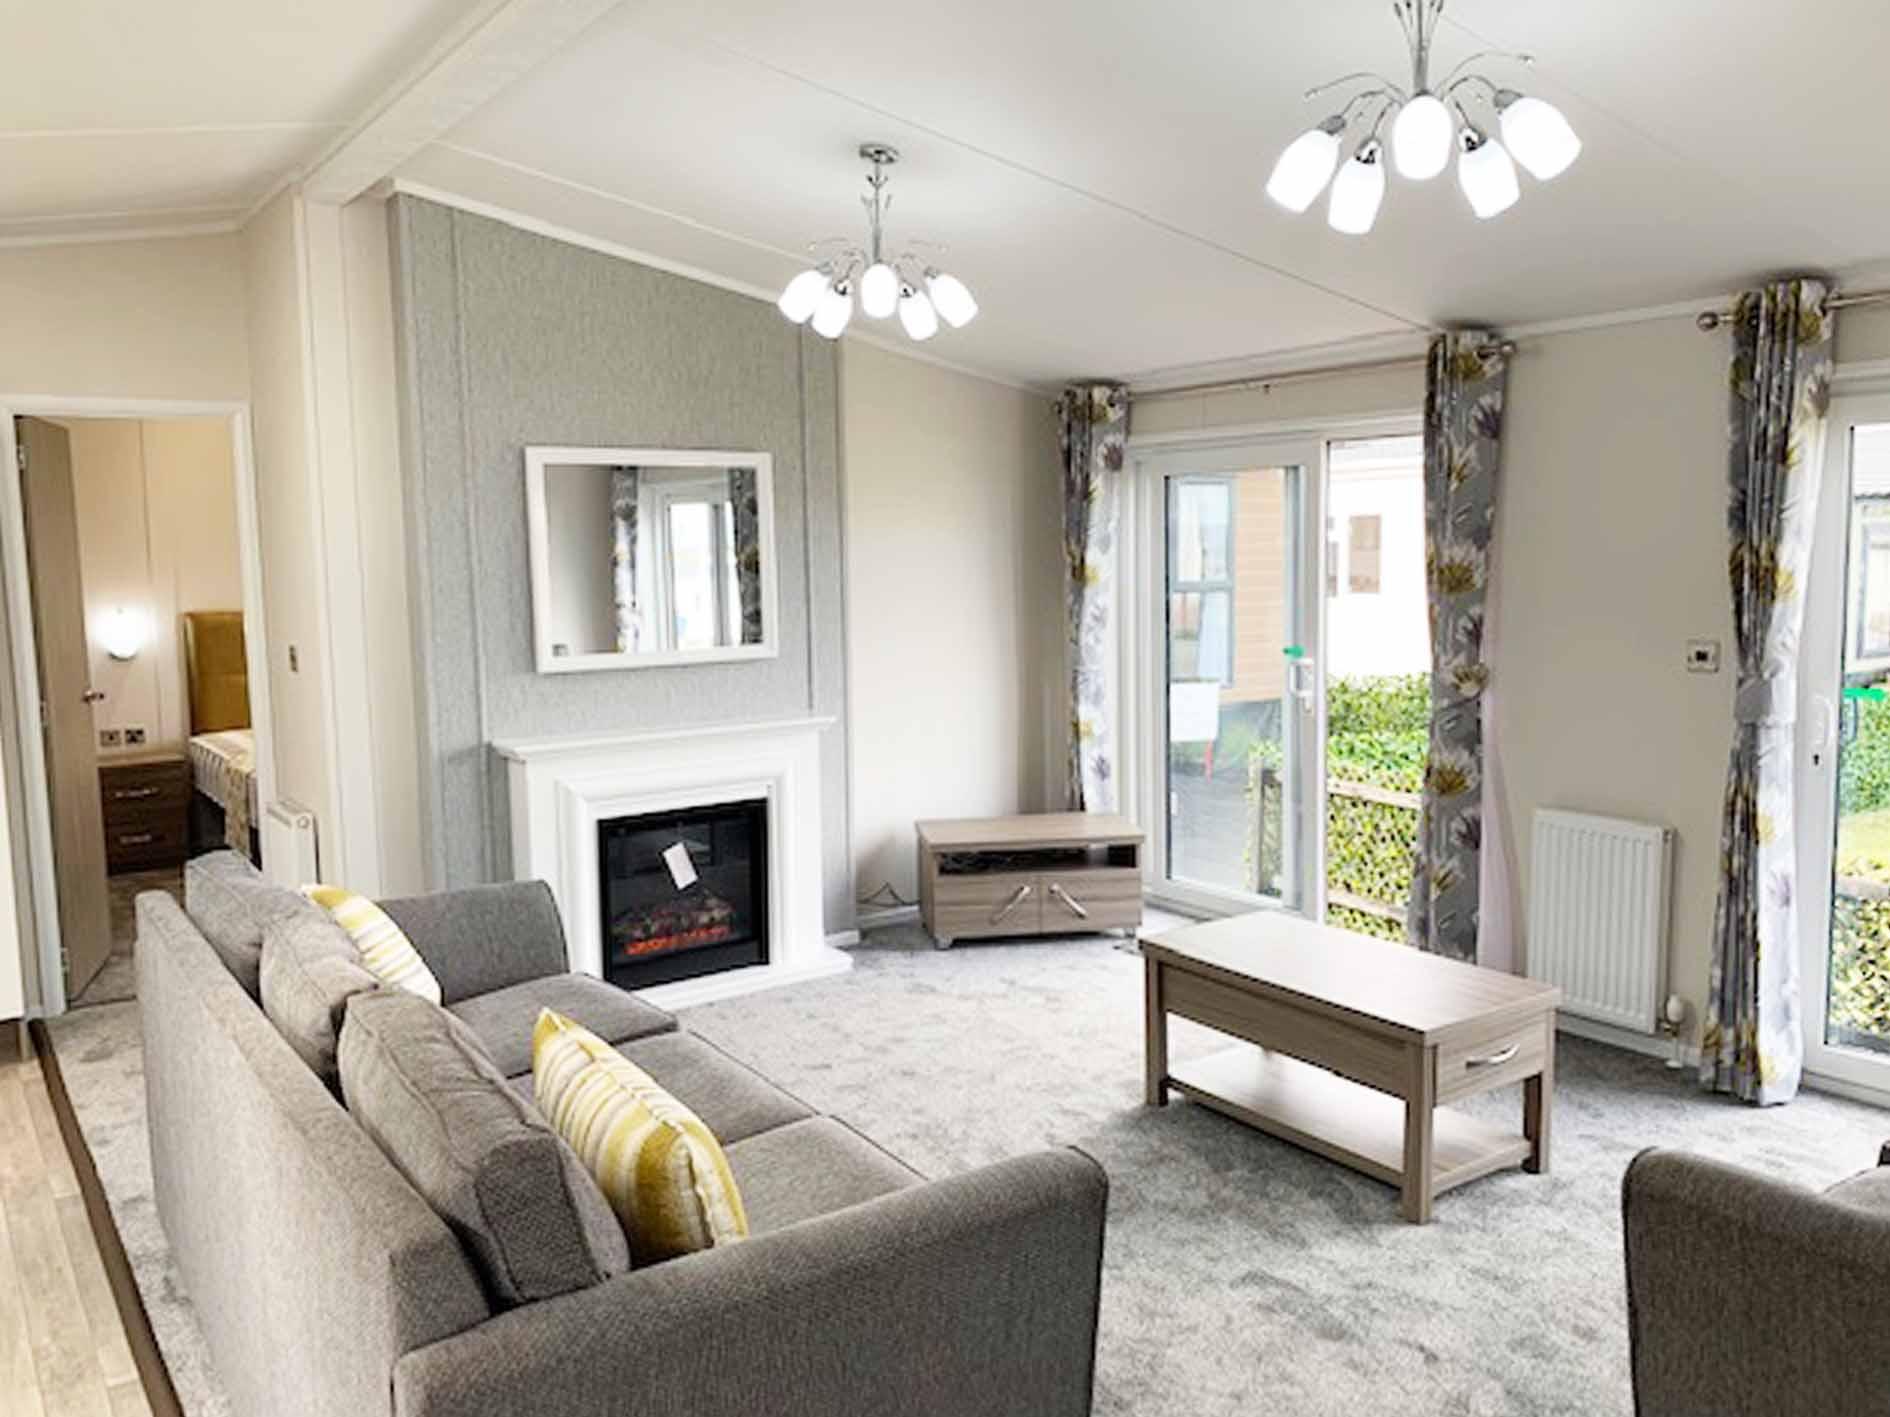 Luxury Lodges For Sale, Luxury Holiday Accommodation, Tresaith, Wales